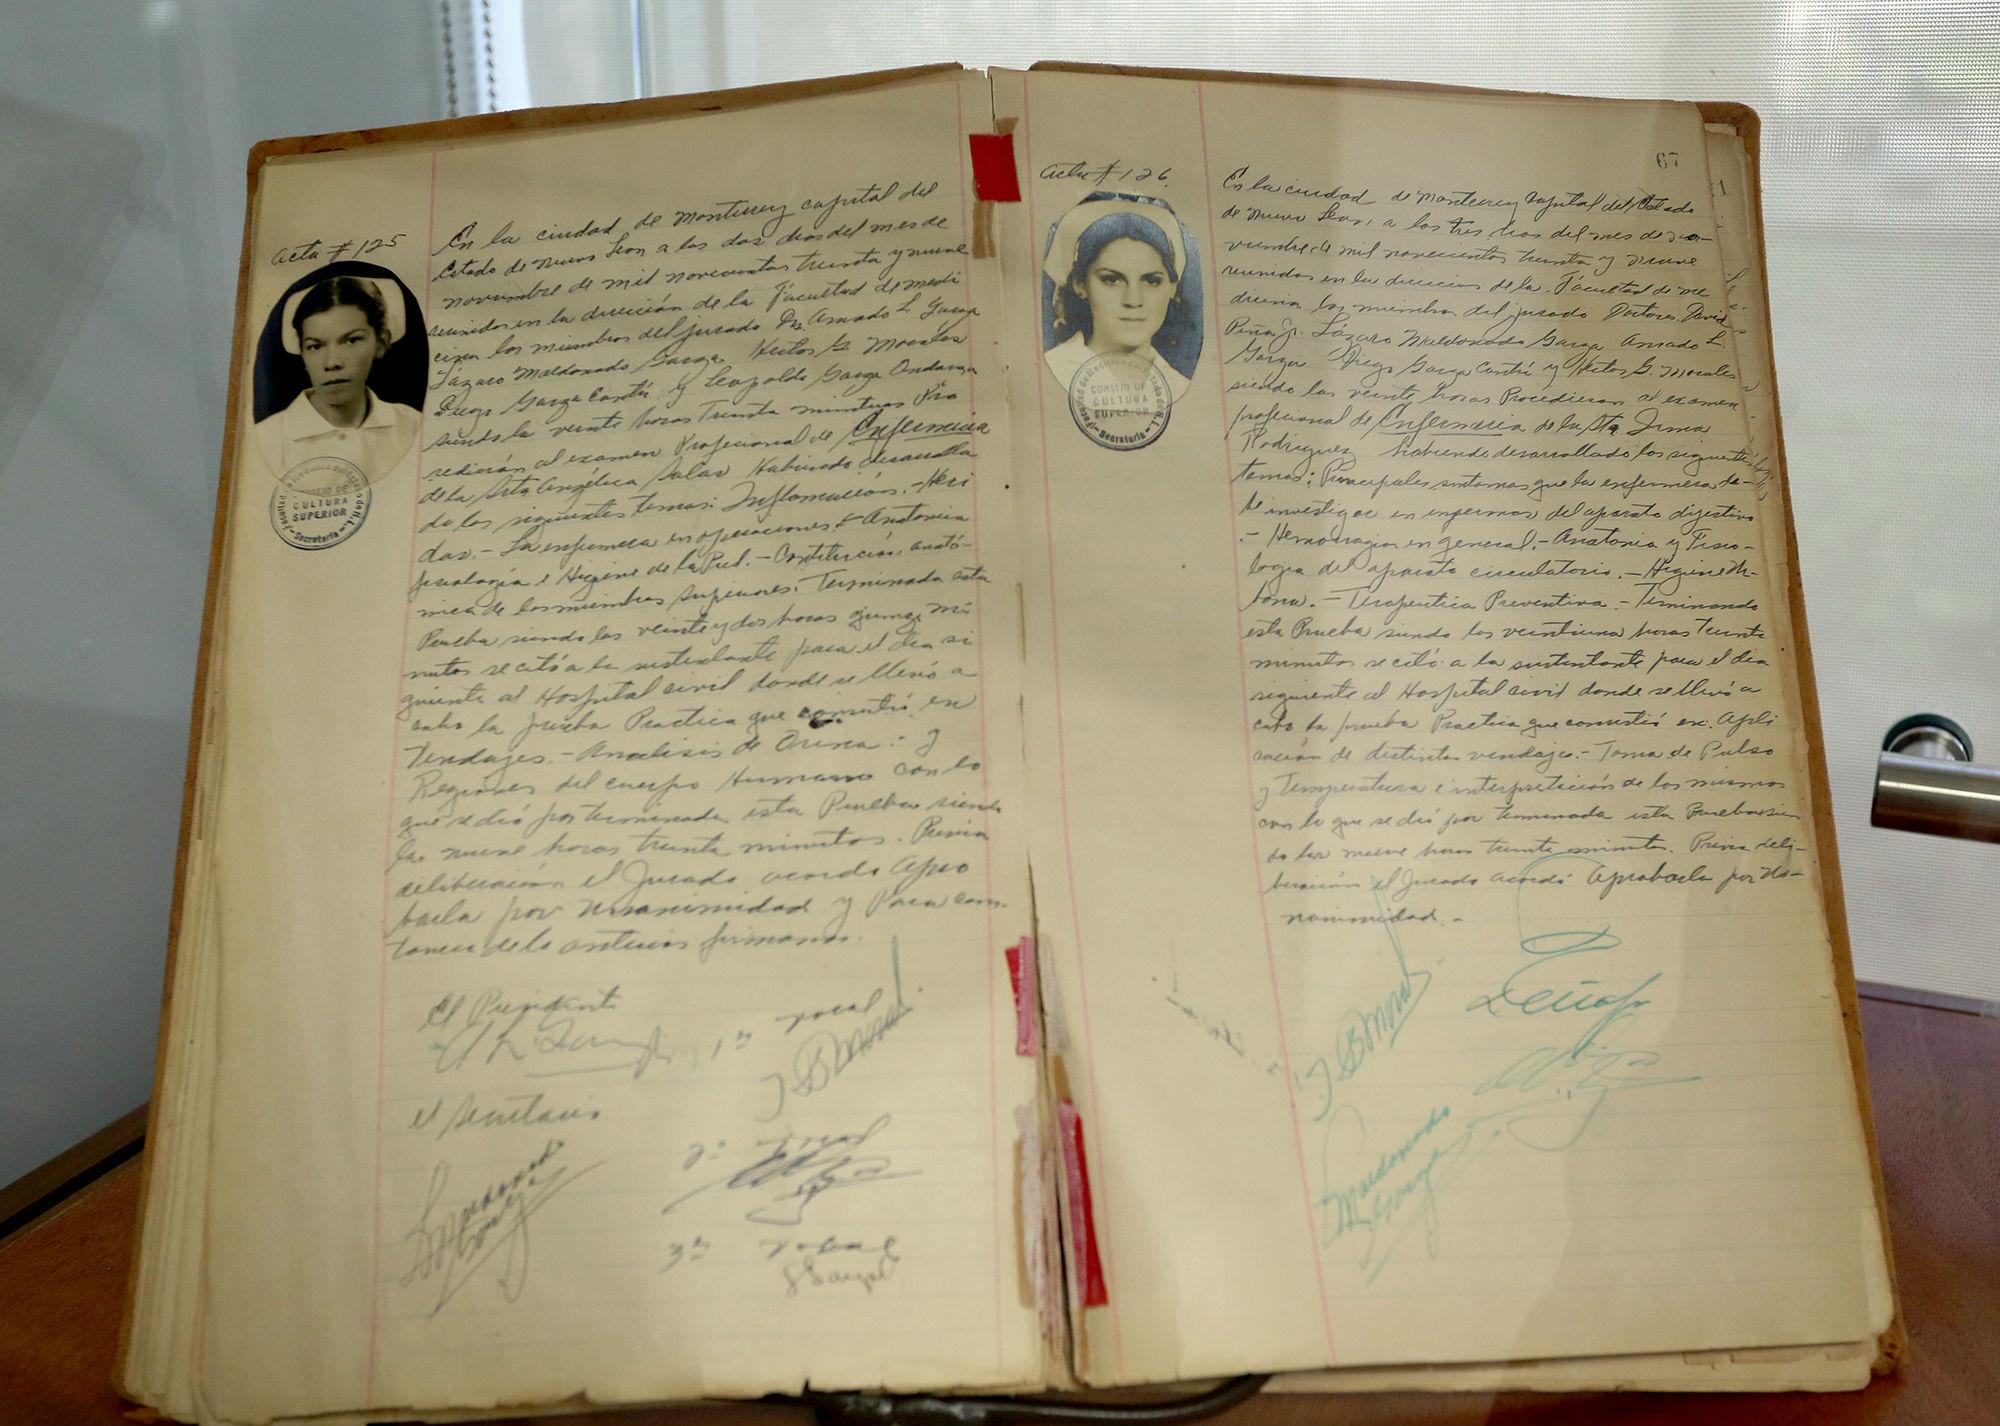 Registros de la Facultad de Enfermería